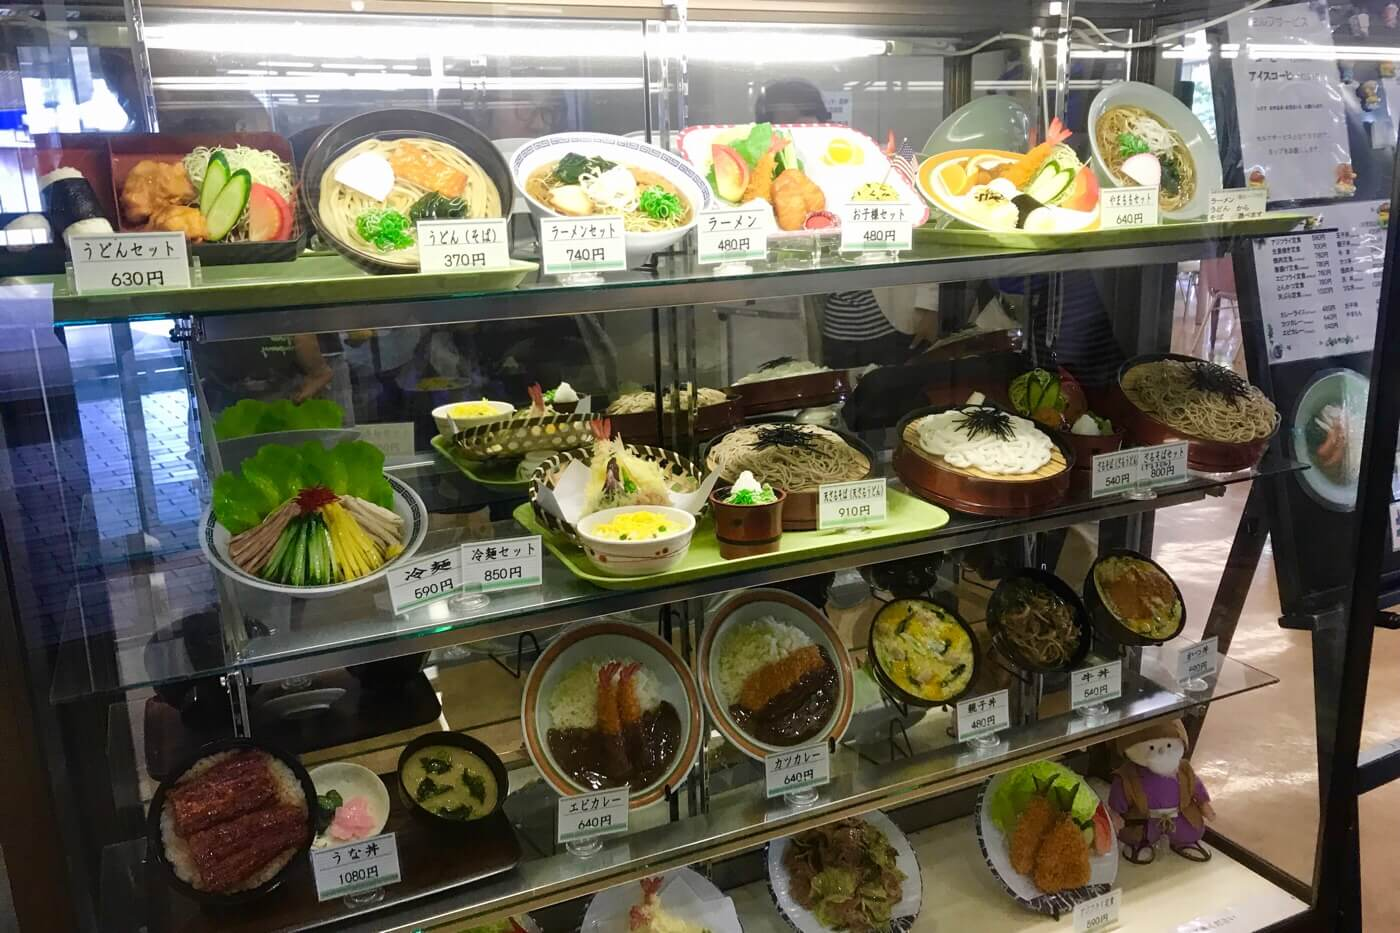 高知医科大学の食堂やまもも 入口の食品サンプル